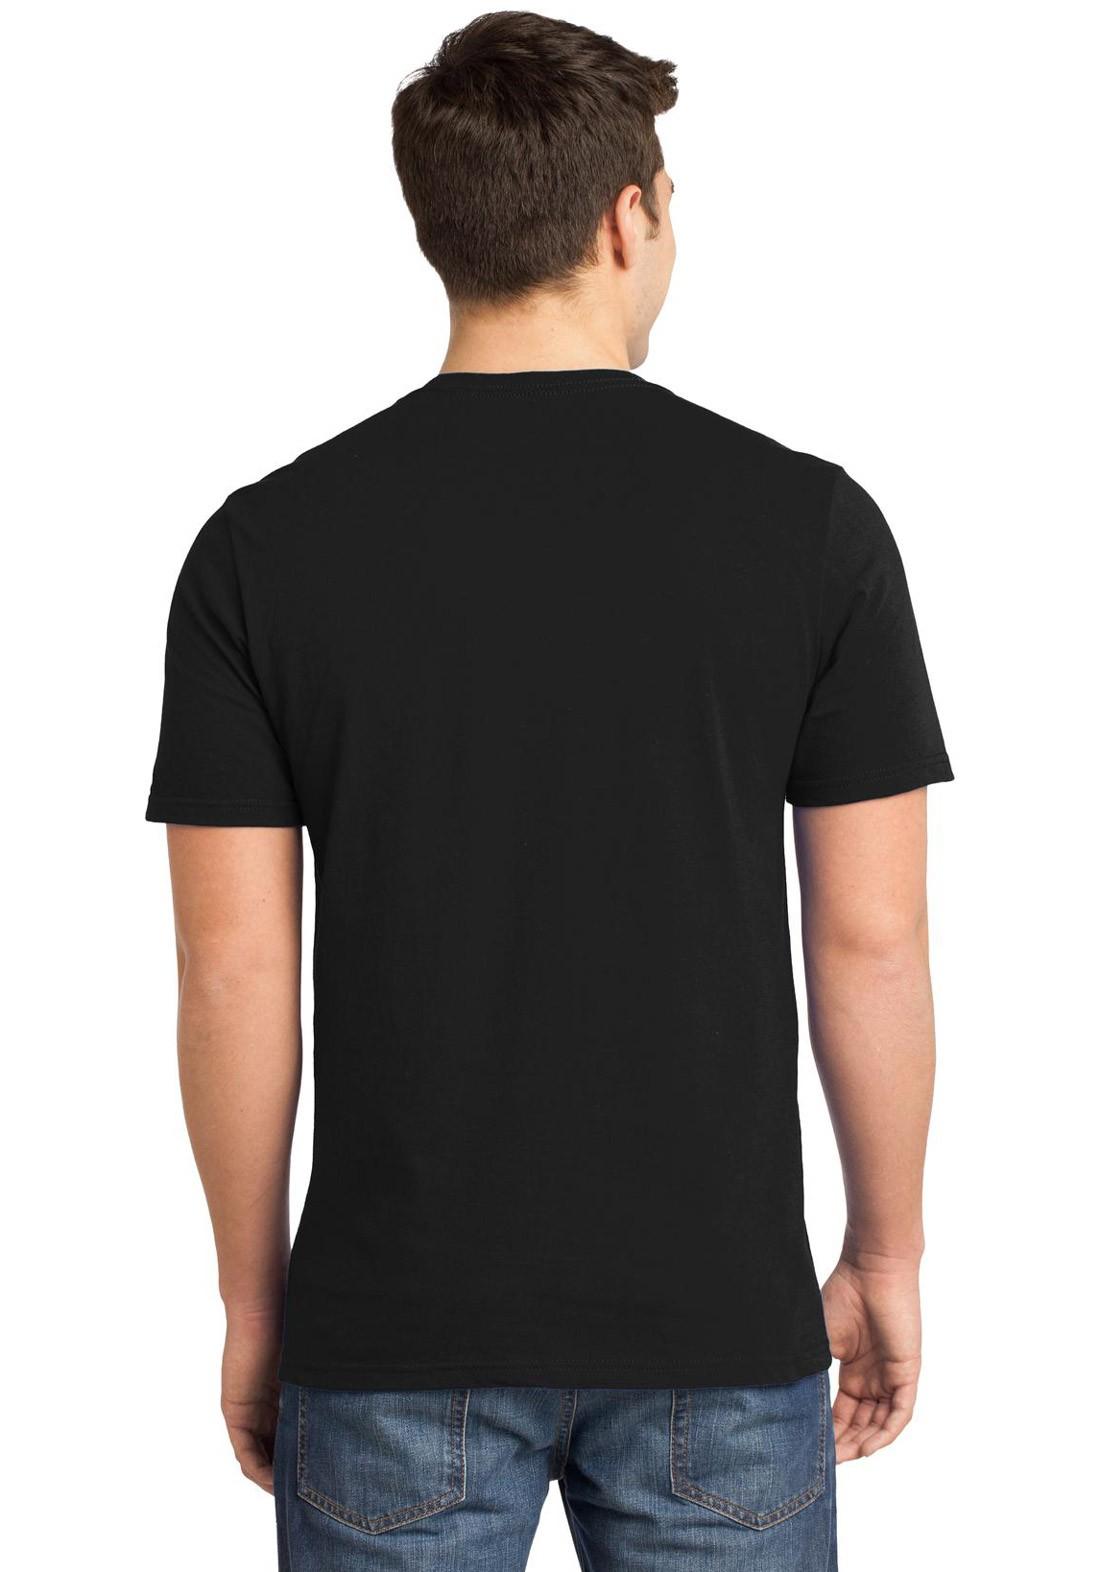 Camiseta Masculina Universitária Faculdade História